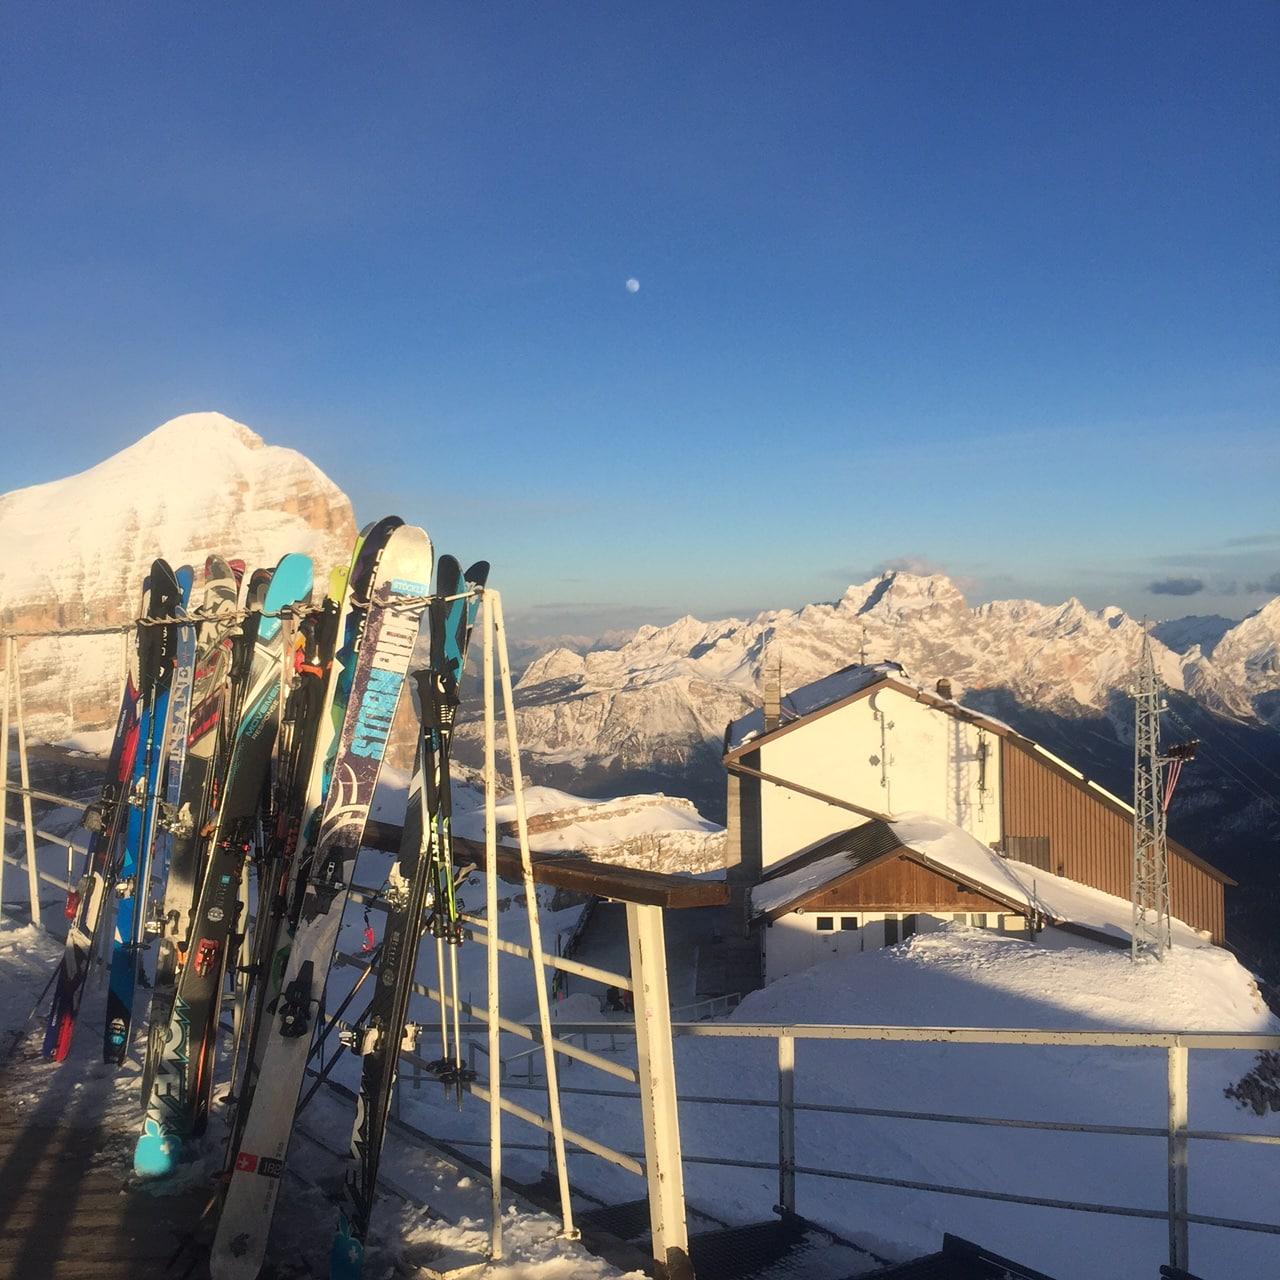 6-day guided ski safari in the Dolomites